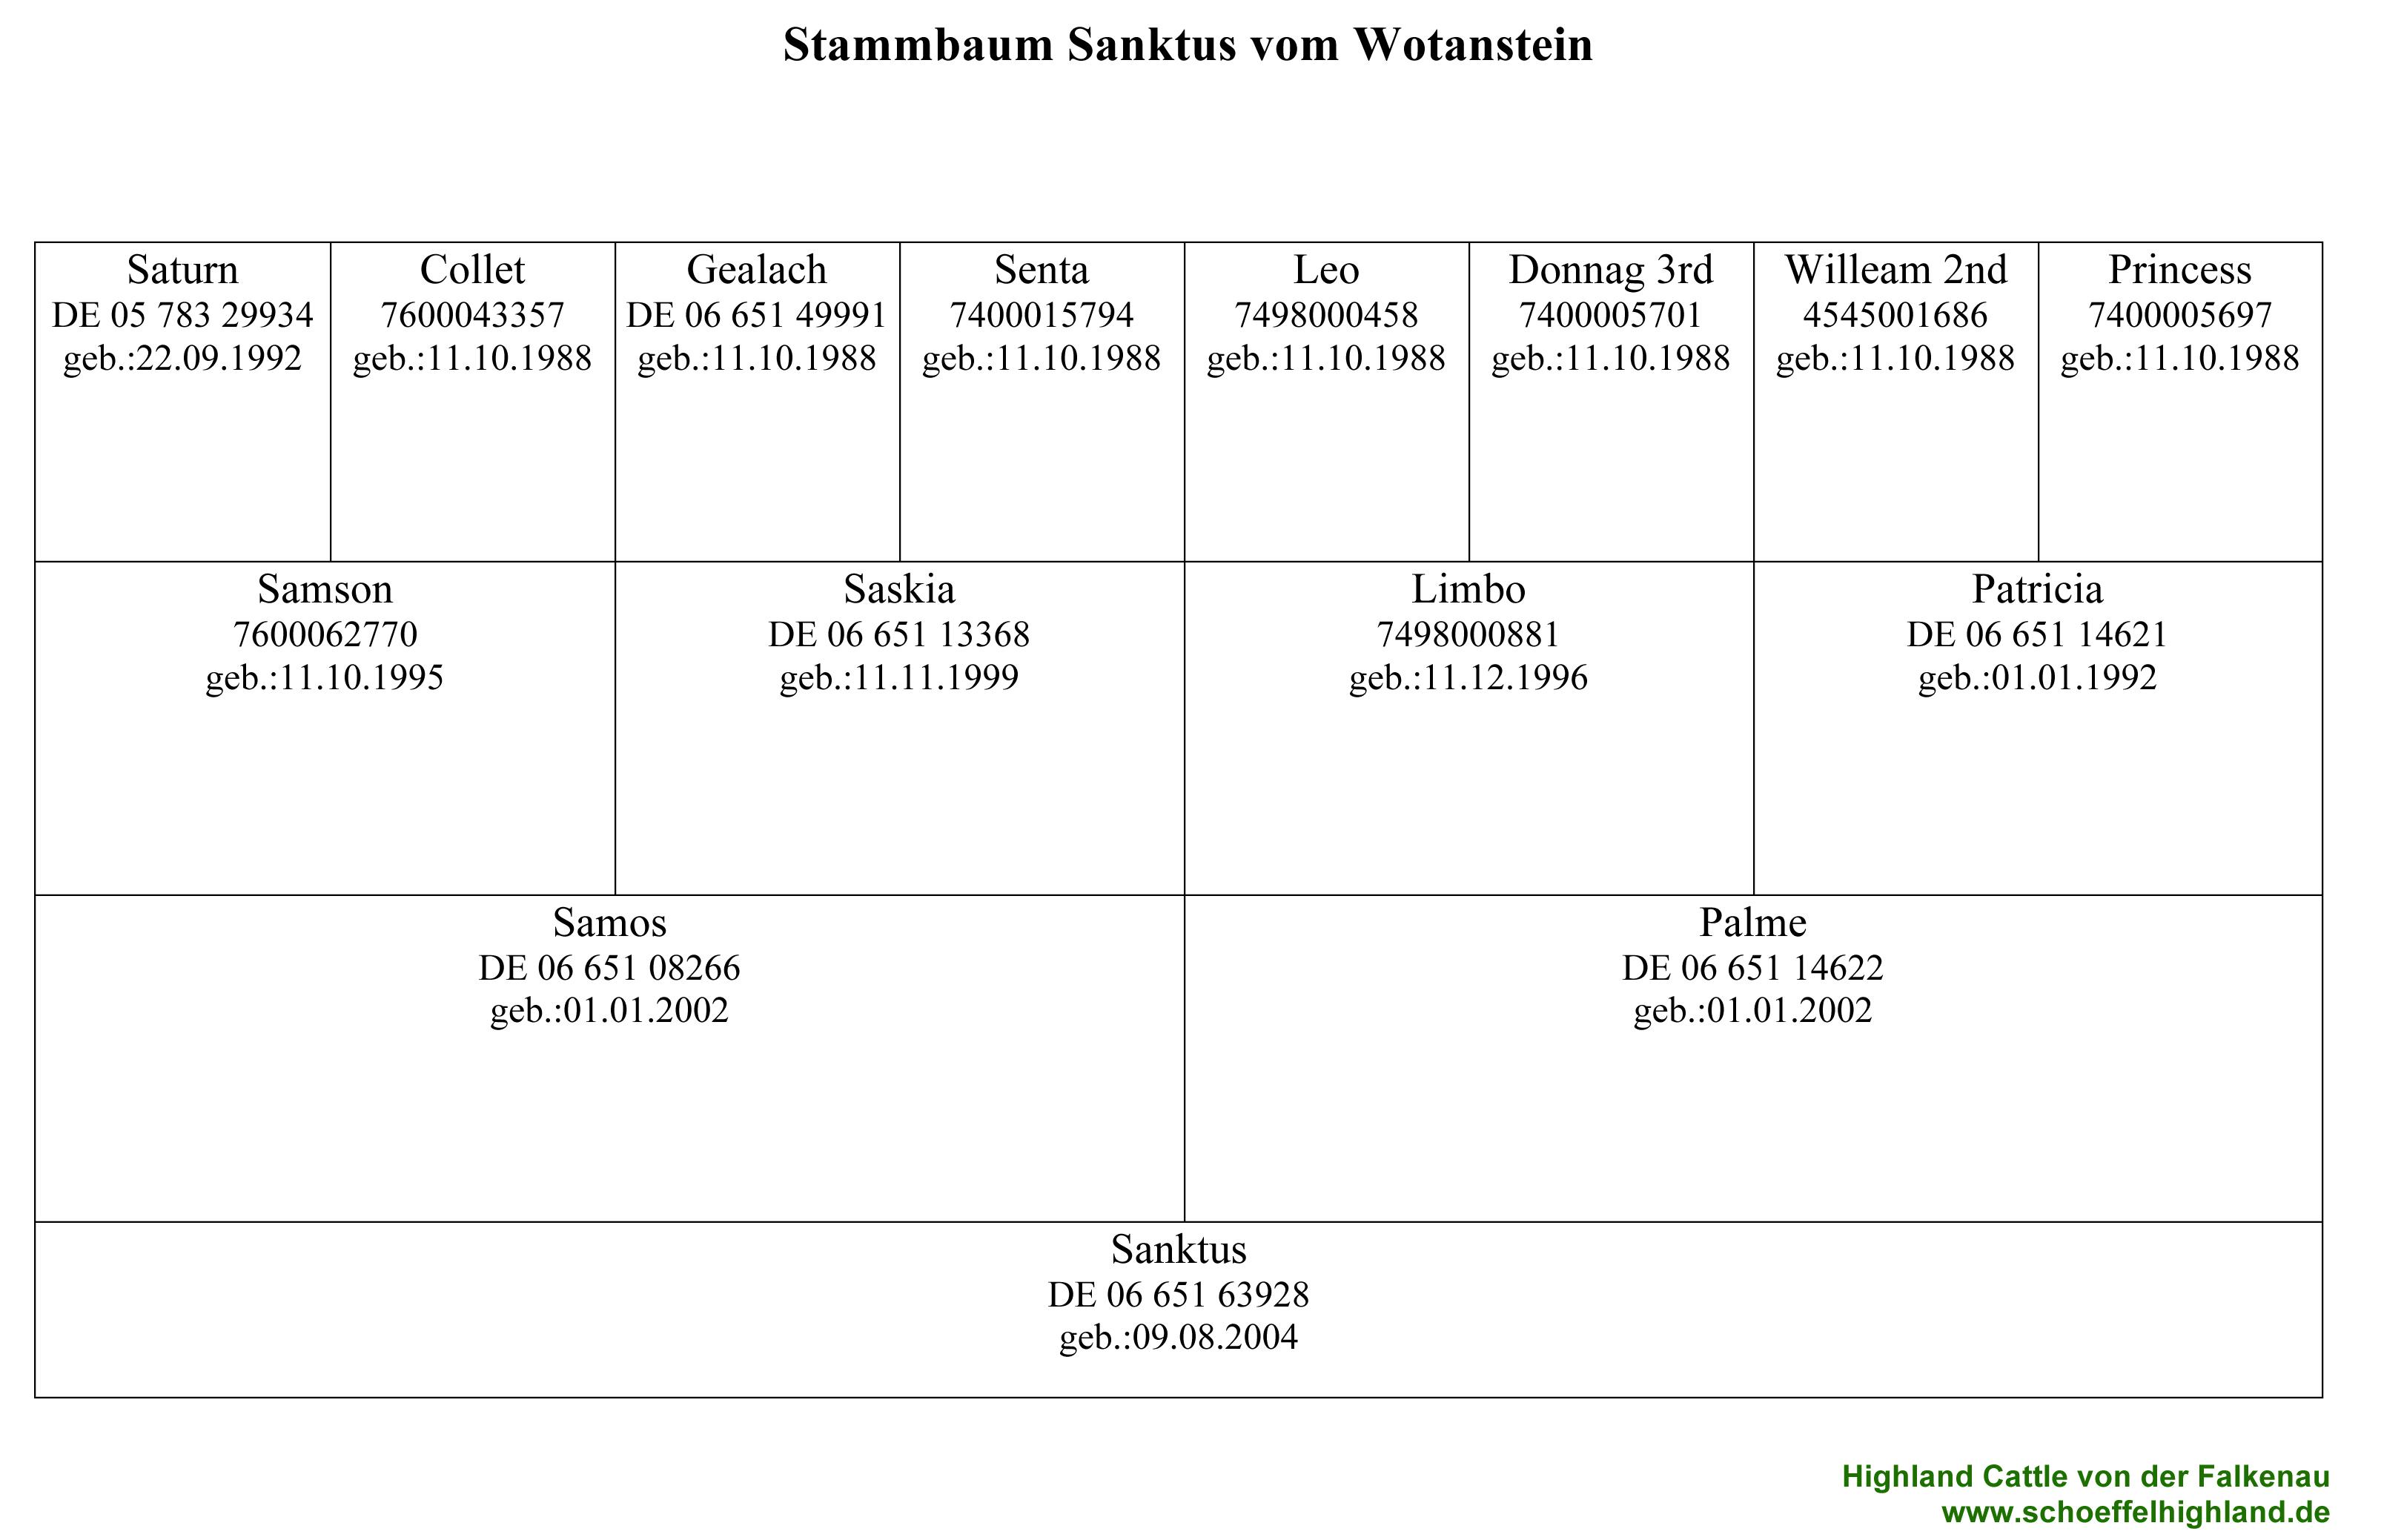 Pedigree Sanktus vom Wotanstein